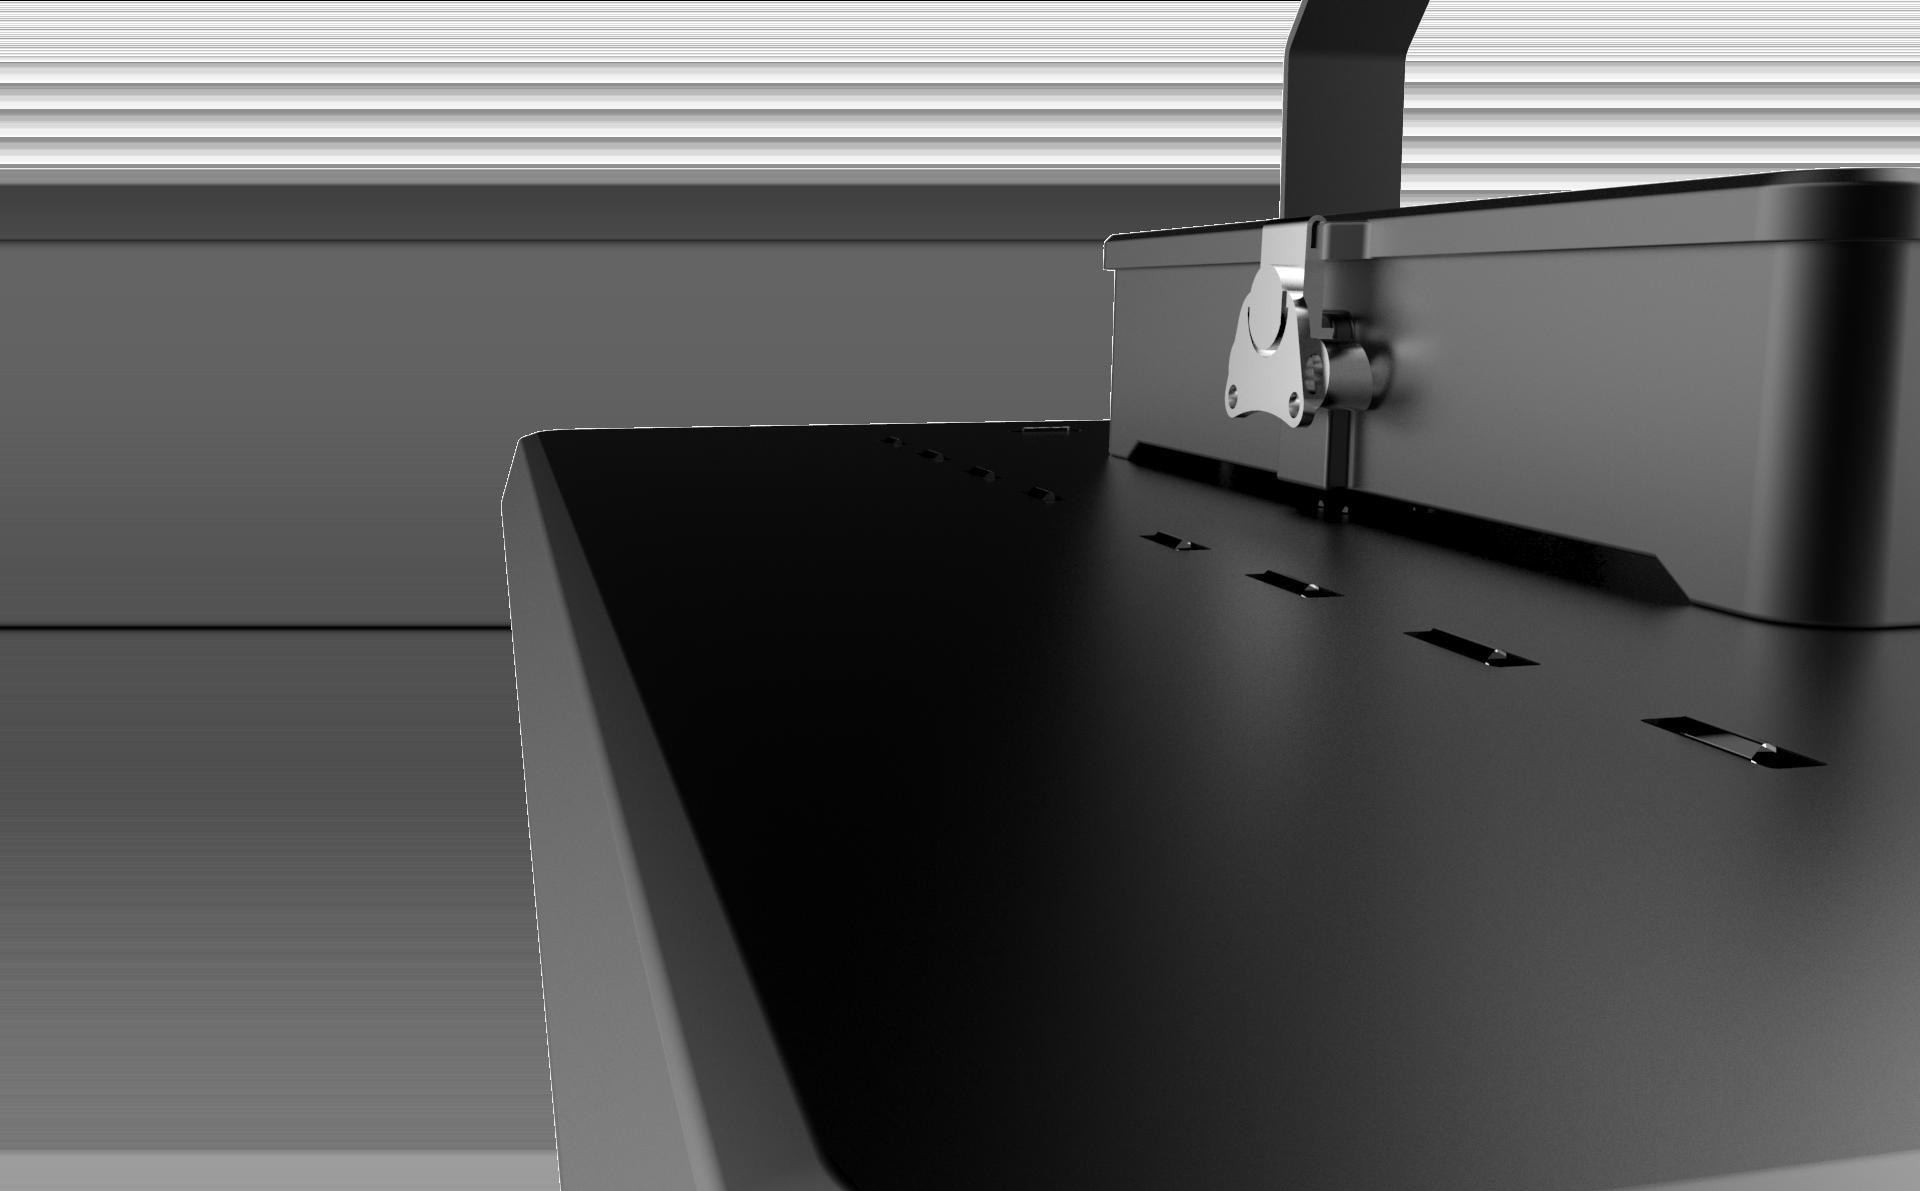 Светильник LED Aura 200Вт 5000К/6500К 36000лм 560x459x110мм доп. вид